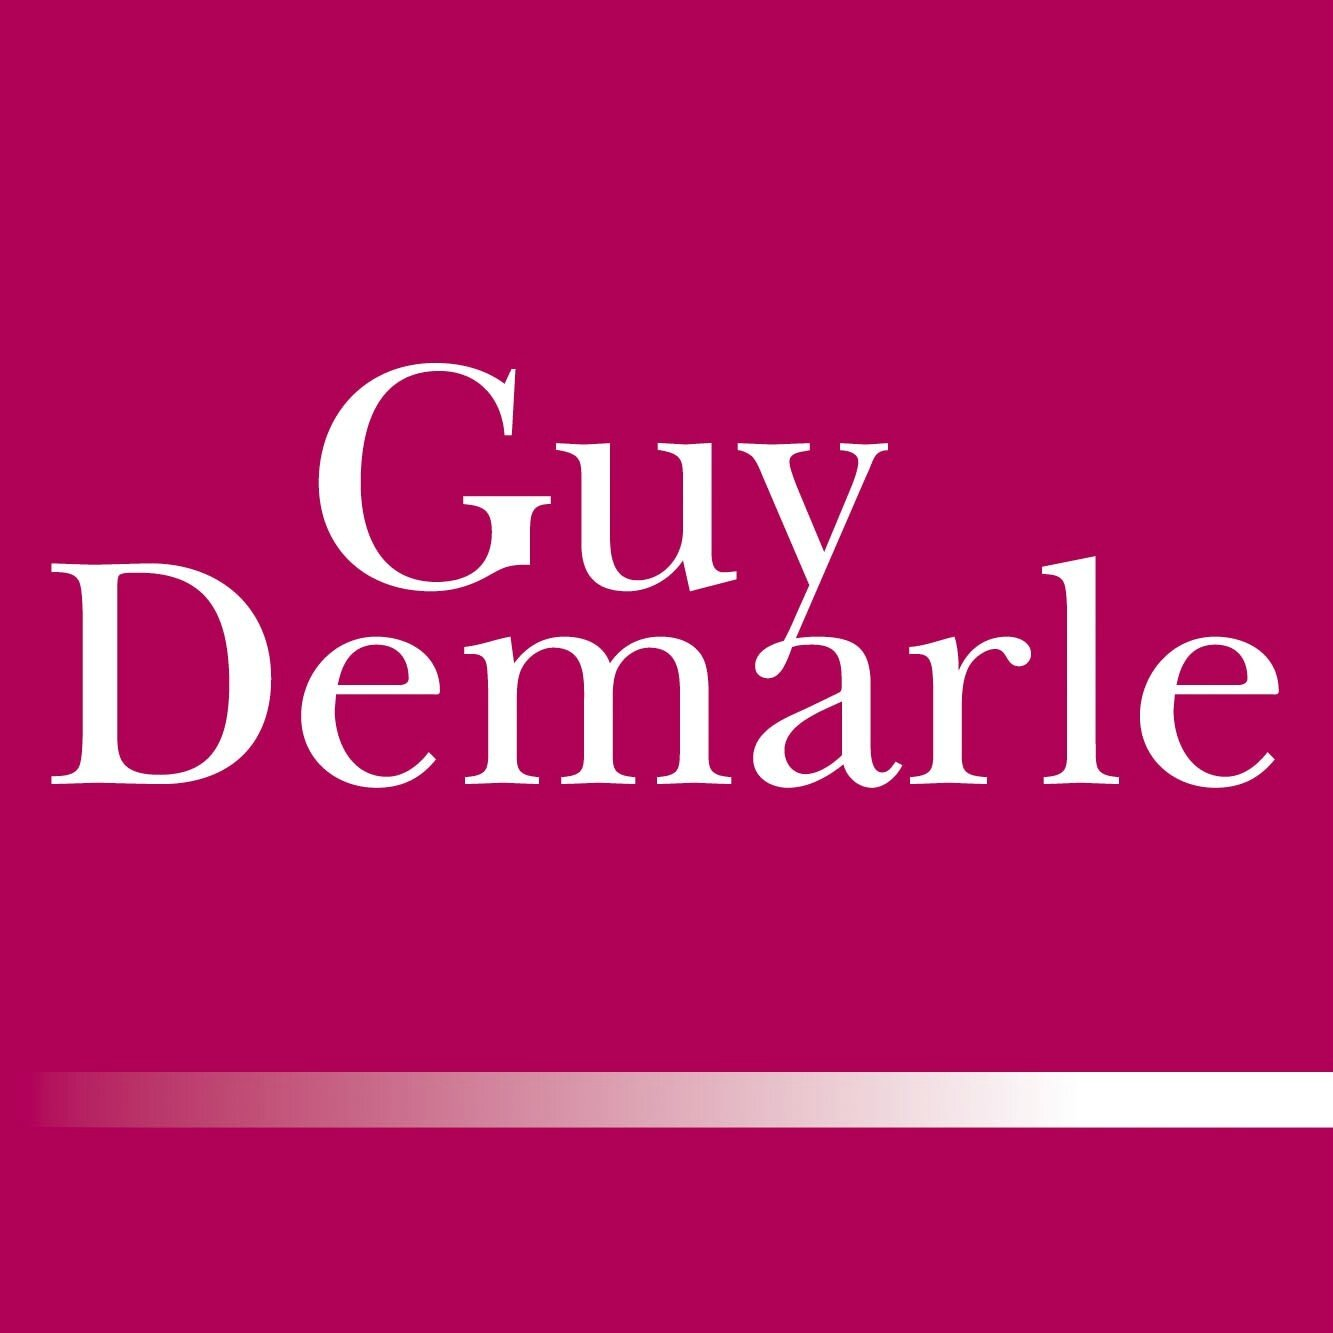 guy-de-marle[1]